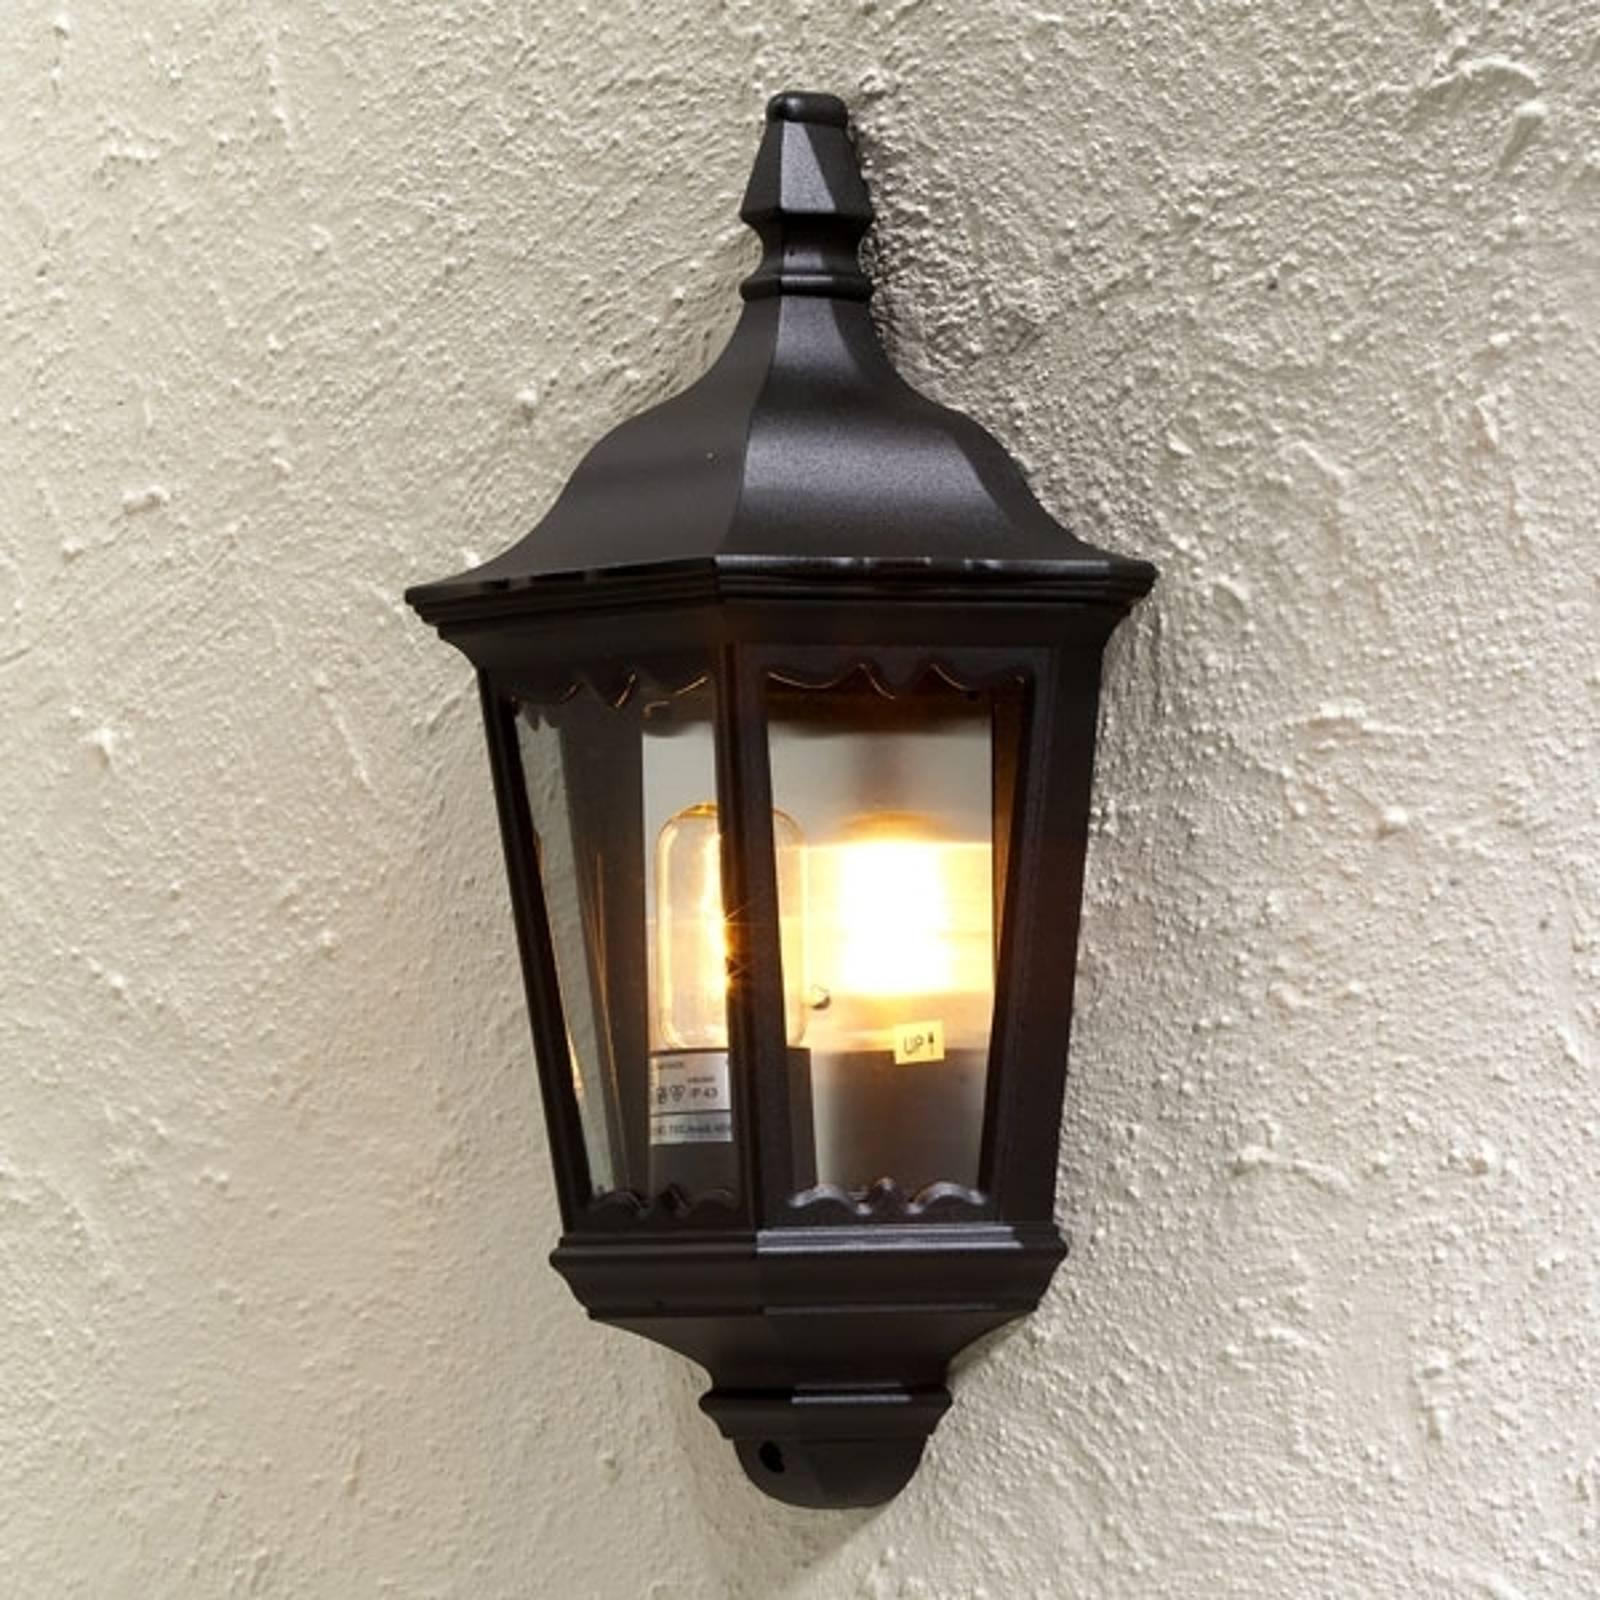 Buitenwandlamp Firenze, halve schaal, zwart